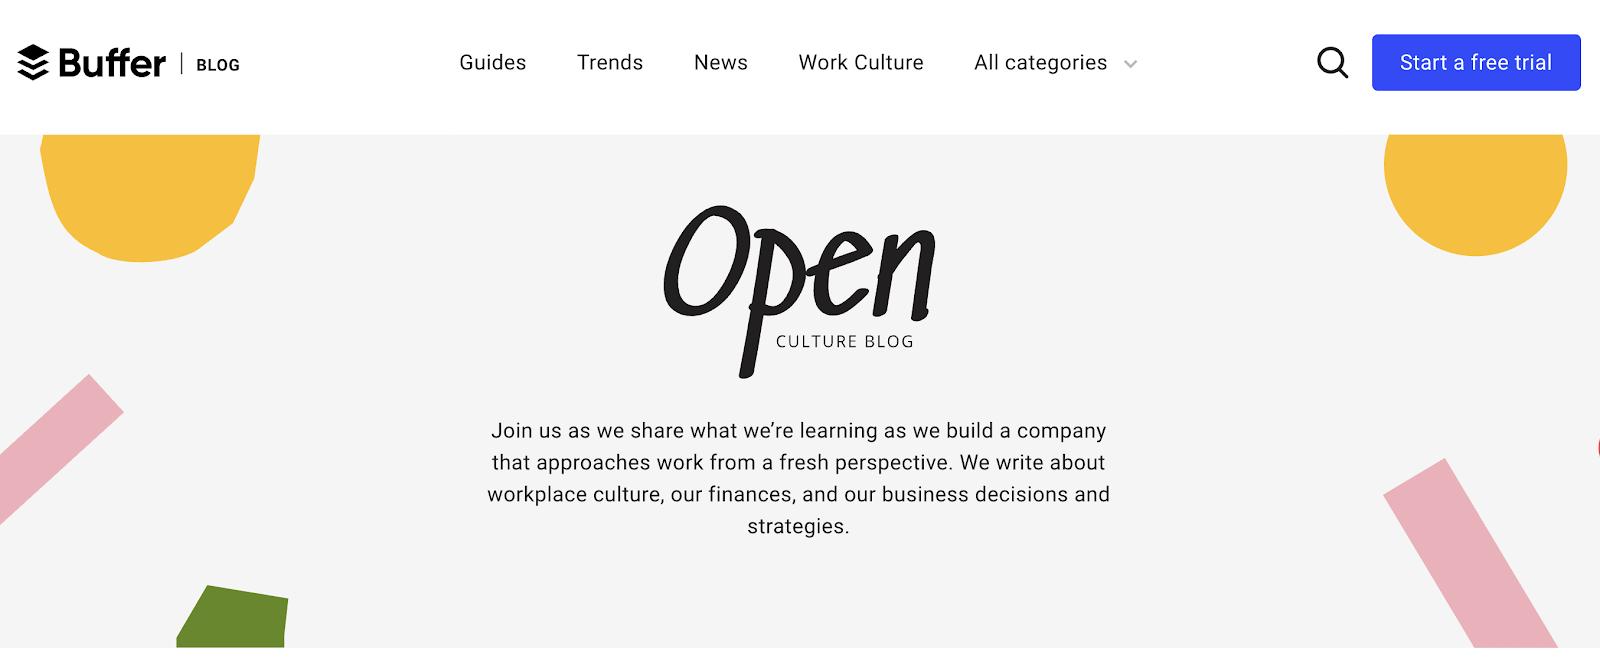 buffer open culture blog